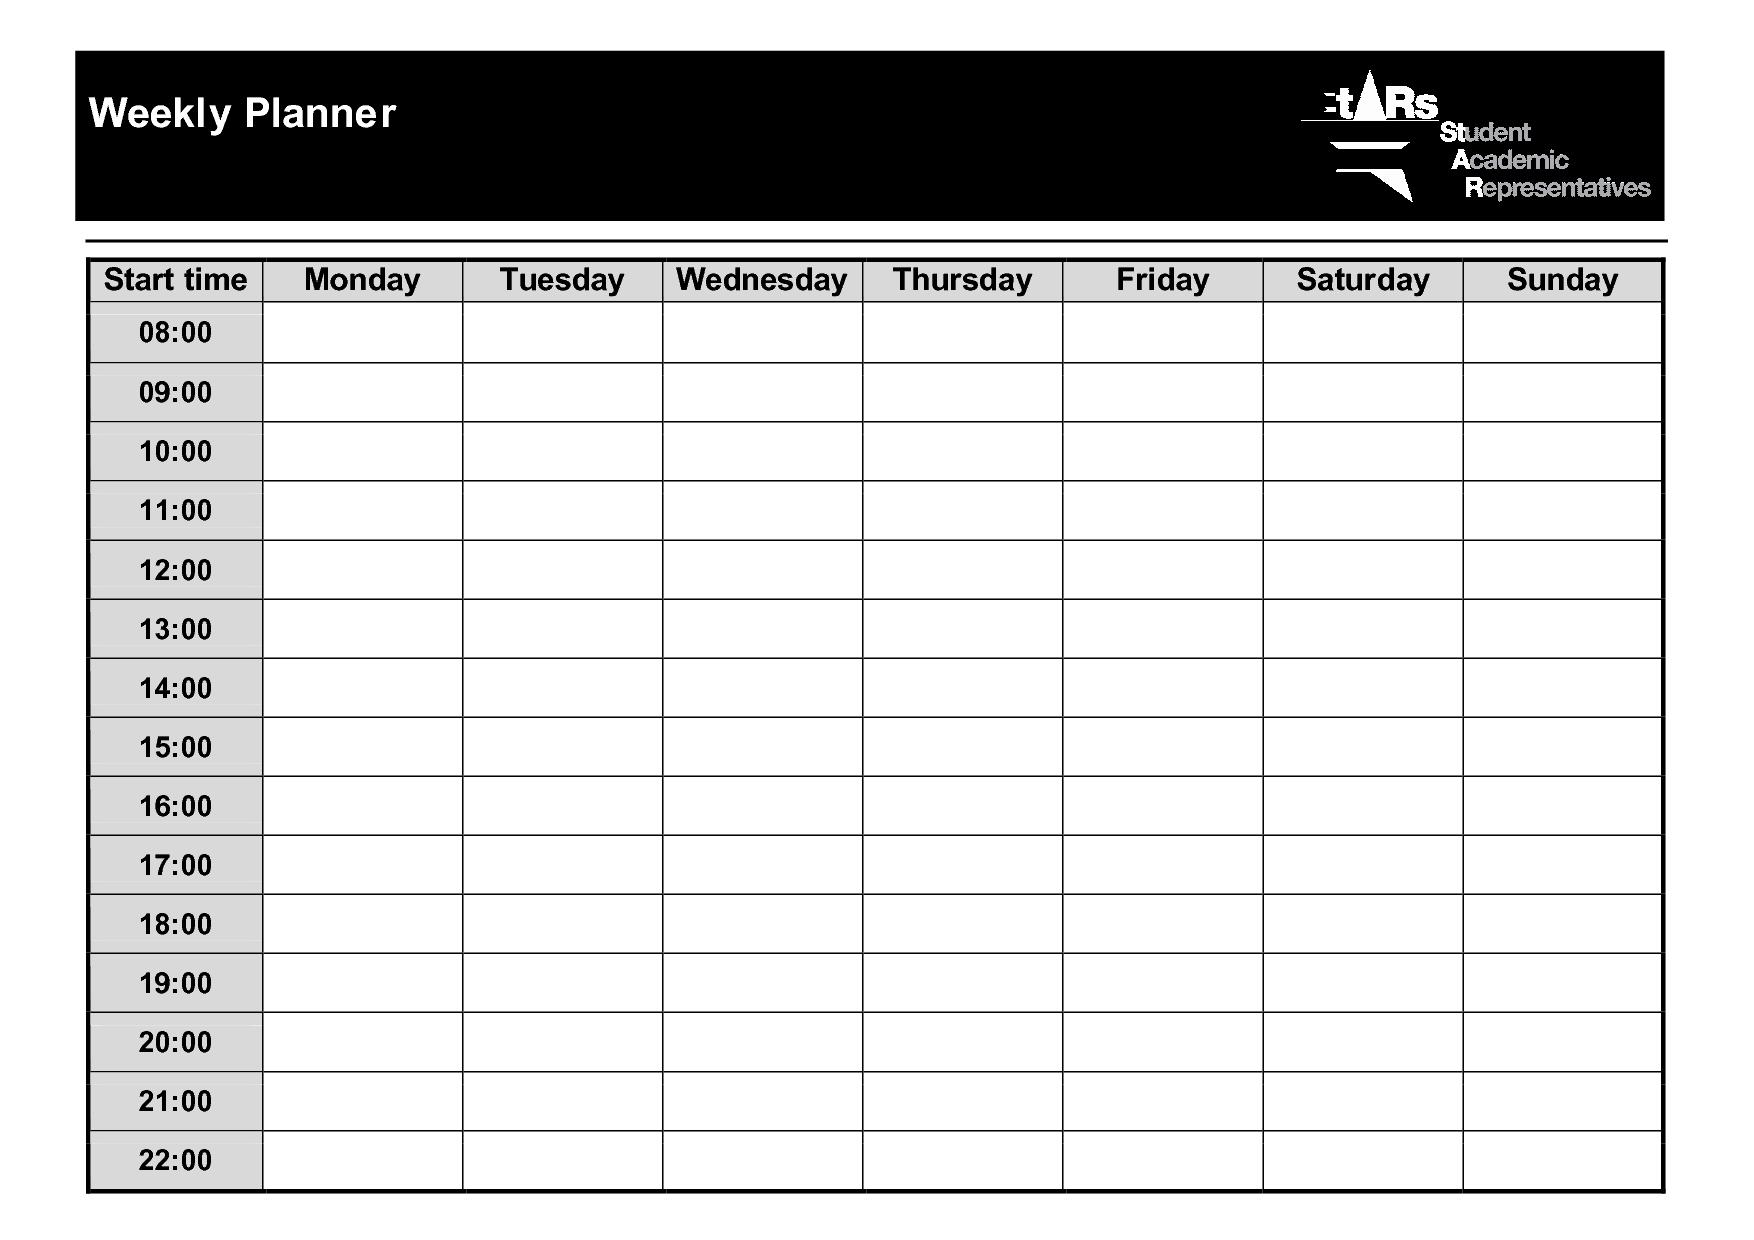 Weekly+Planner+Template+Pdf | Weekly Planner Template 2 Week Planner Printable